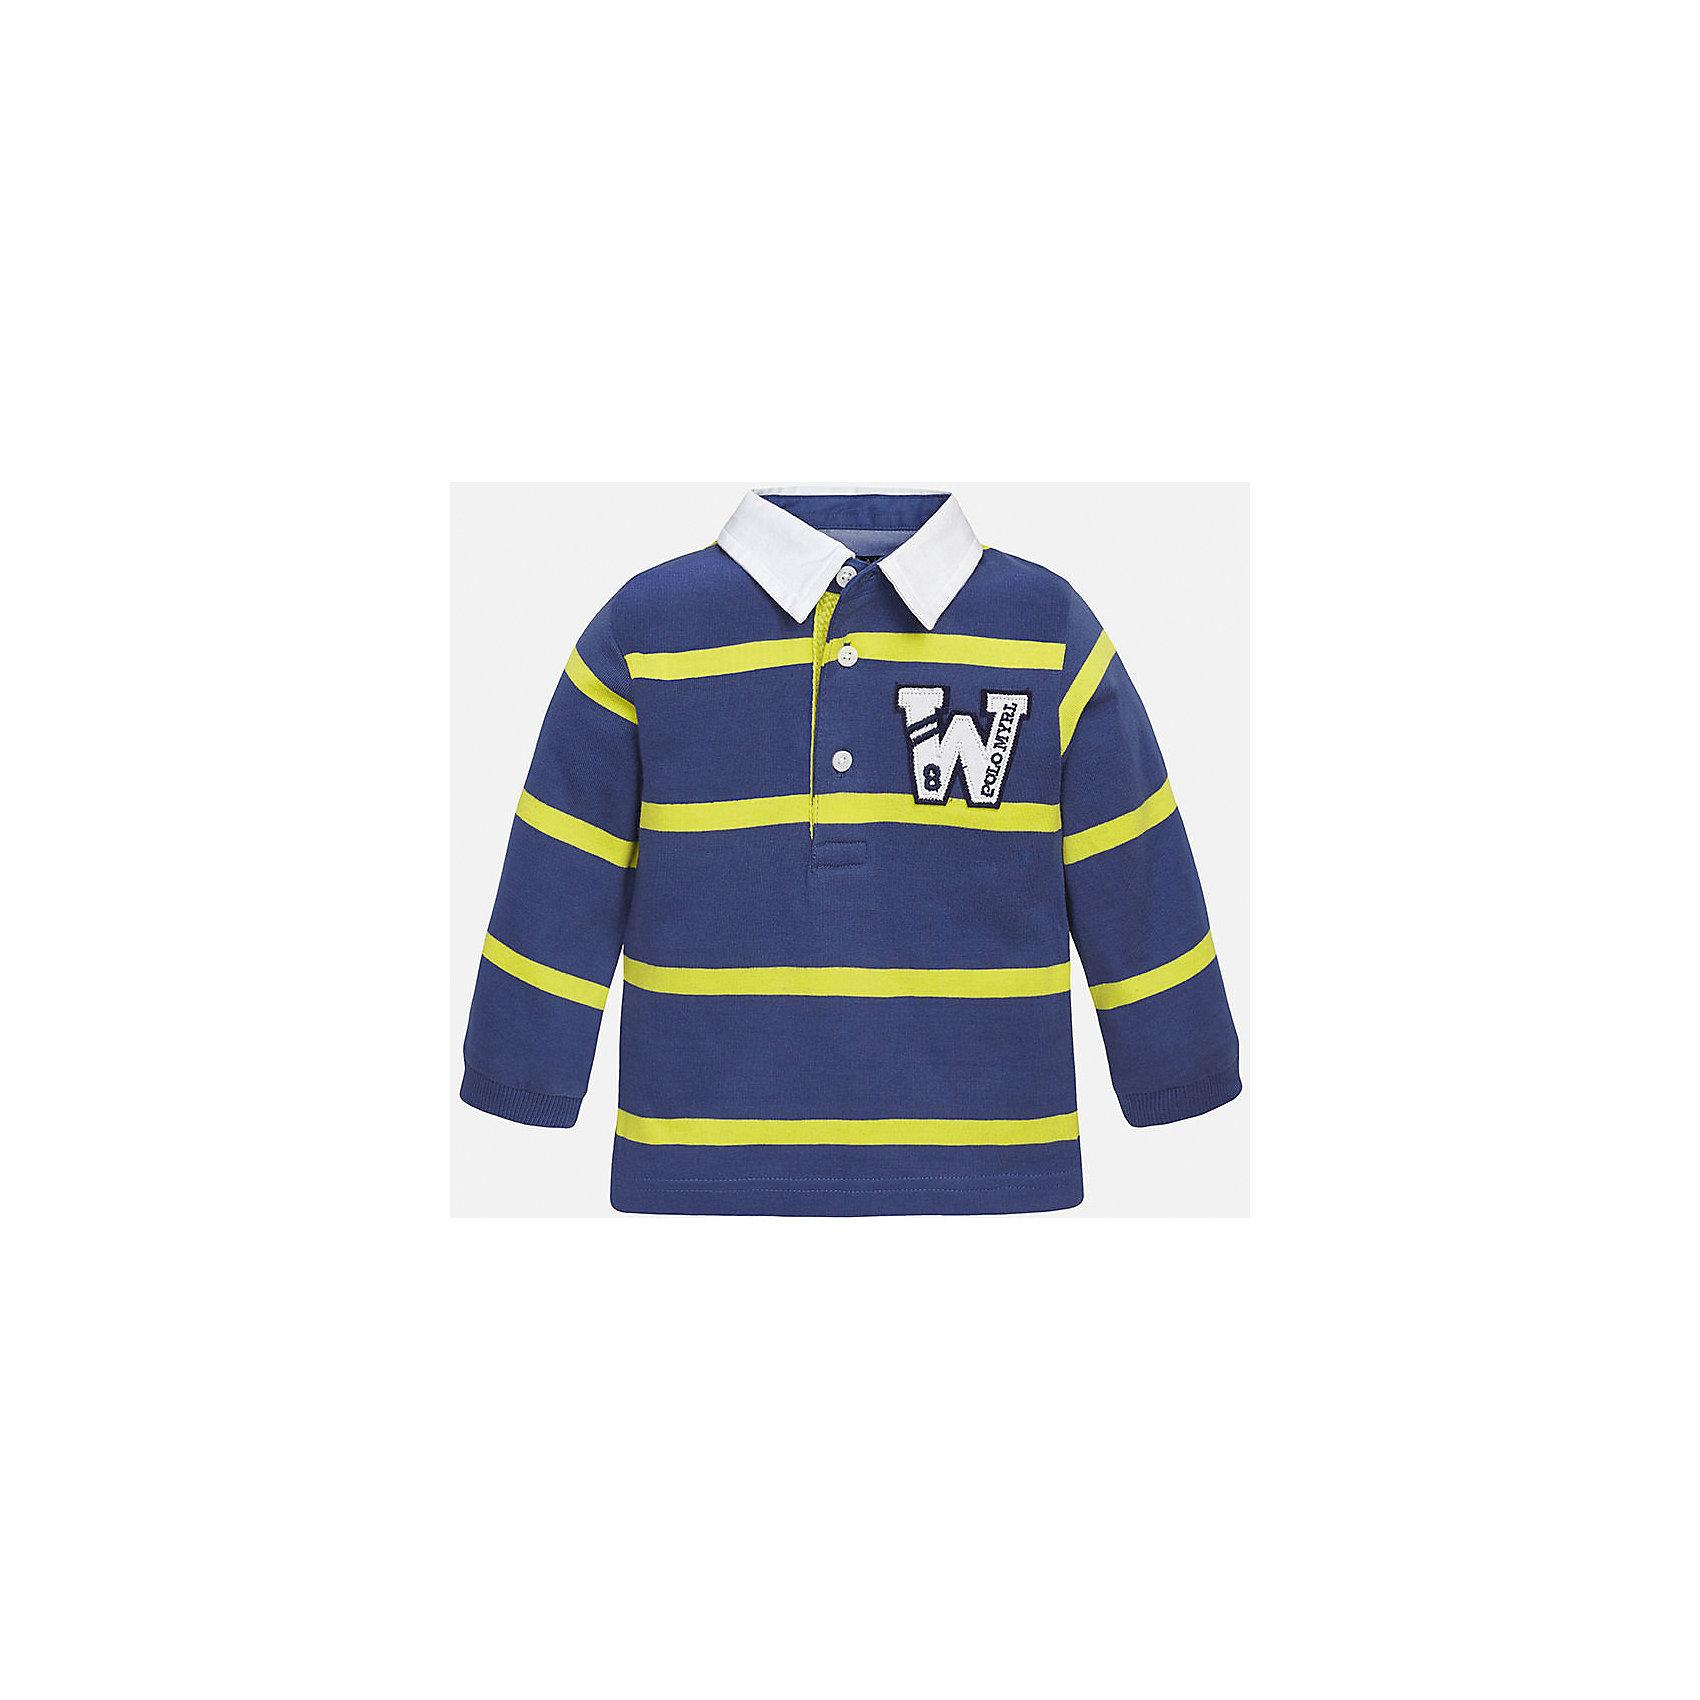 Mayoral Рубашка-поло для мальчика Mayoral виброплатформы для похудения в алматы в интернет магазине